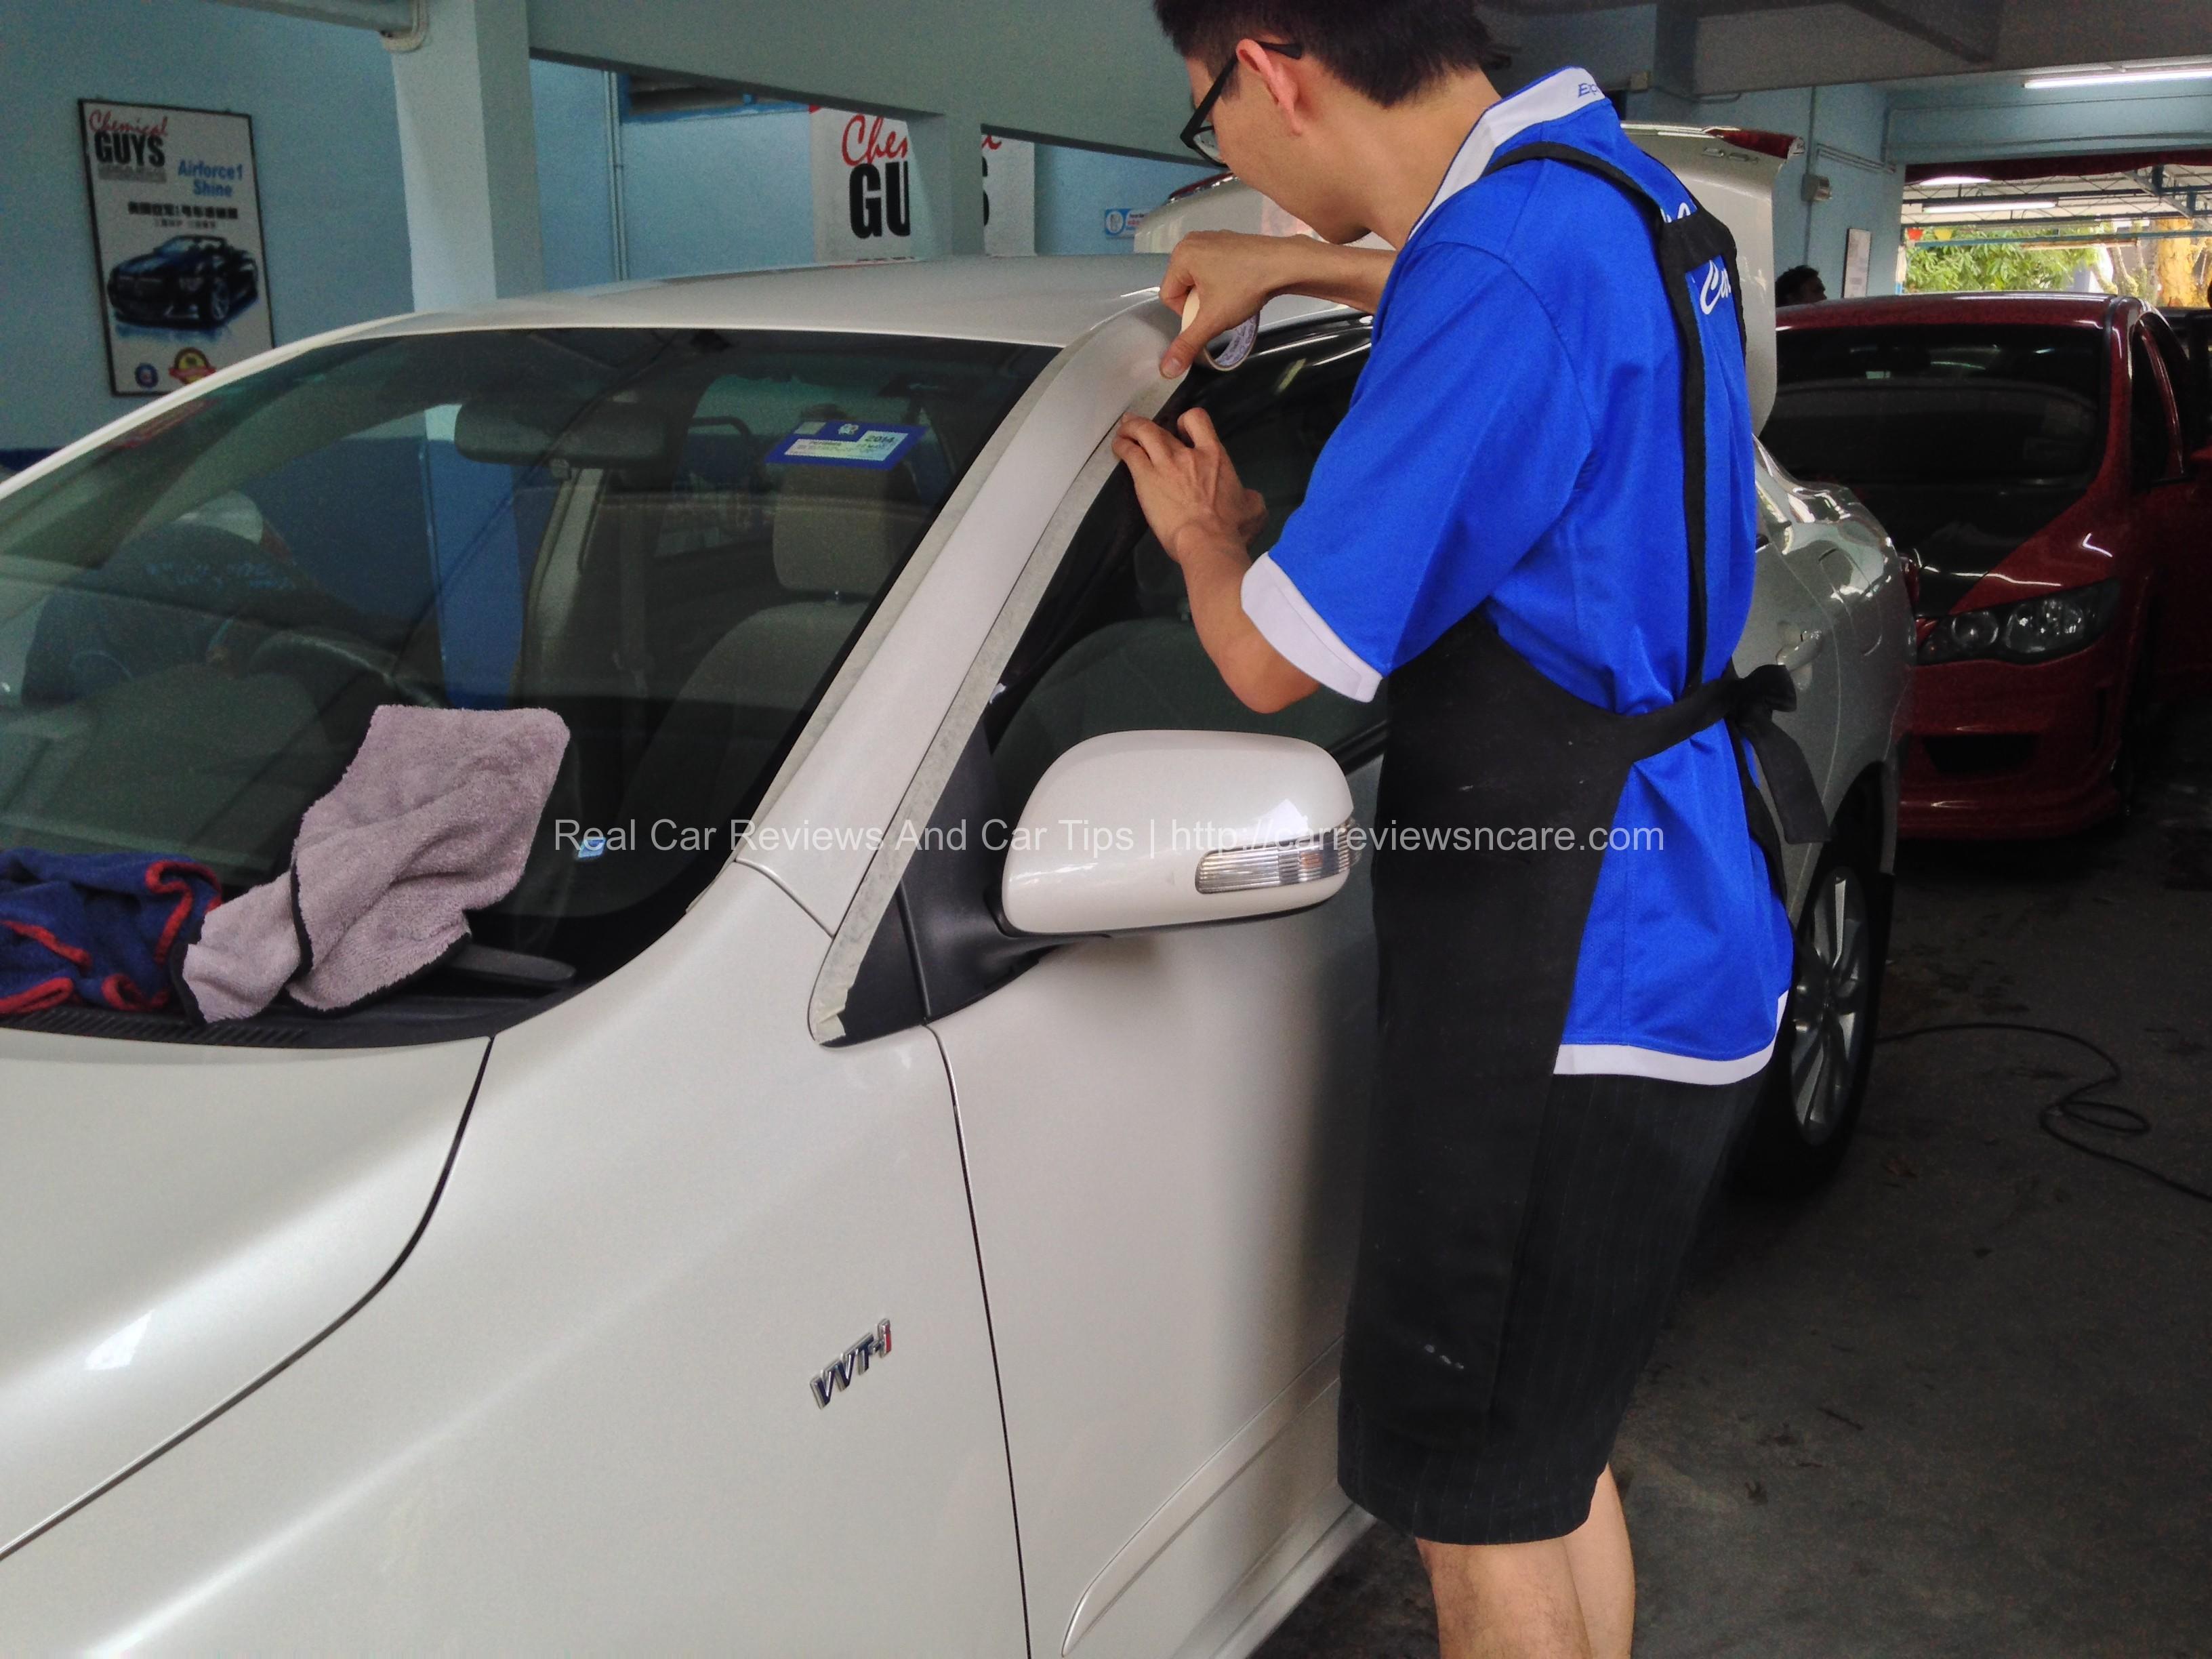 Harga Dan Spesifikasi Cover Body Mobil Honda Freed Water Repeller Produk Ukm Bumn Rc Super Power Truck Type 2 Penang Supwave Car Grooming Centre Owned By Splash Auto Care